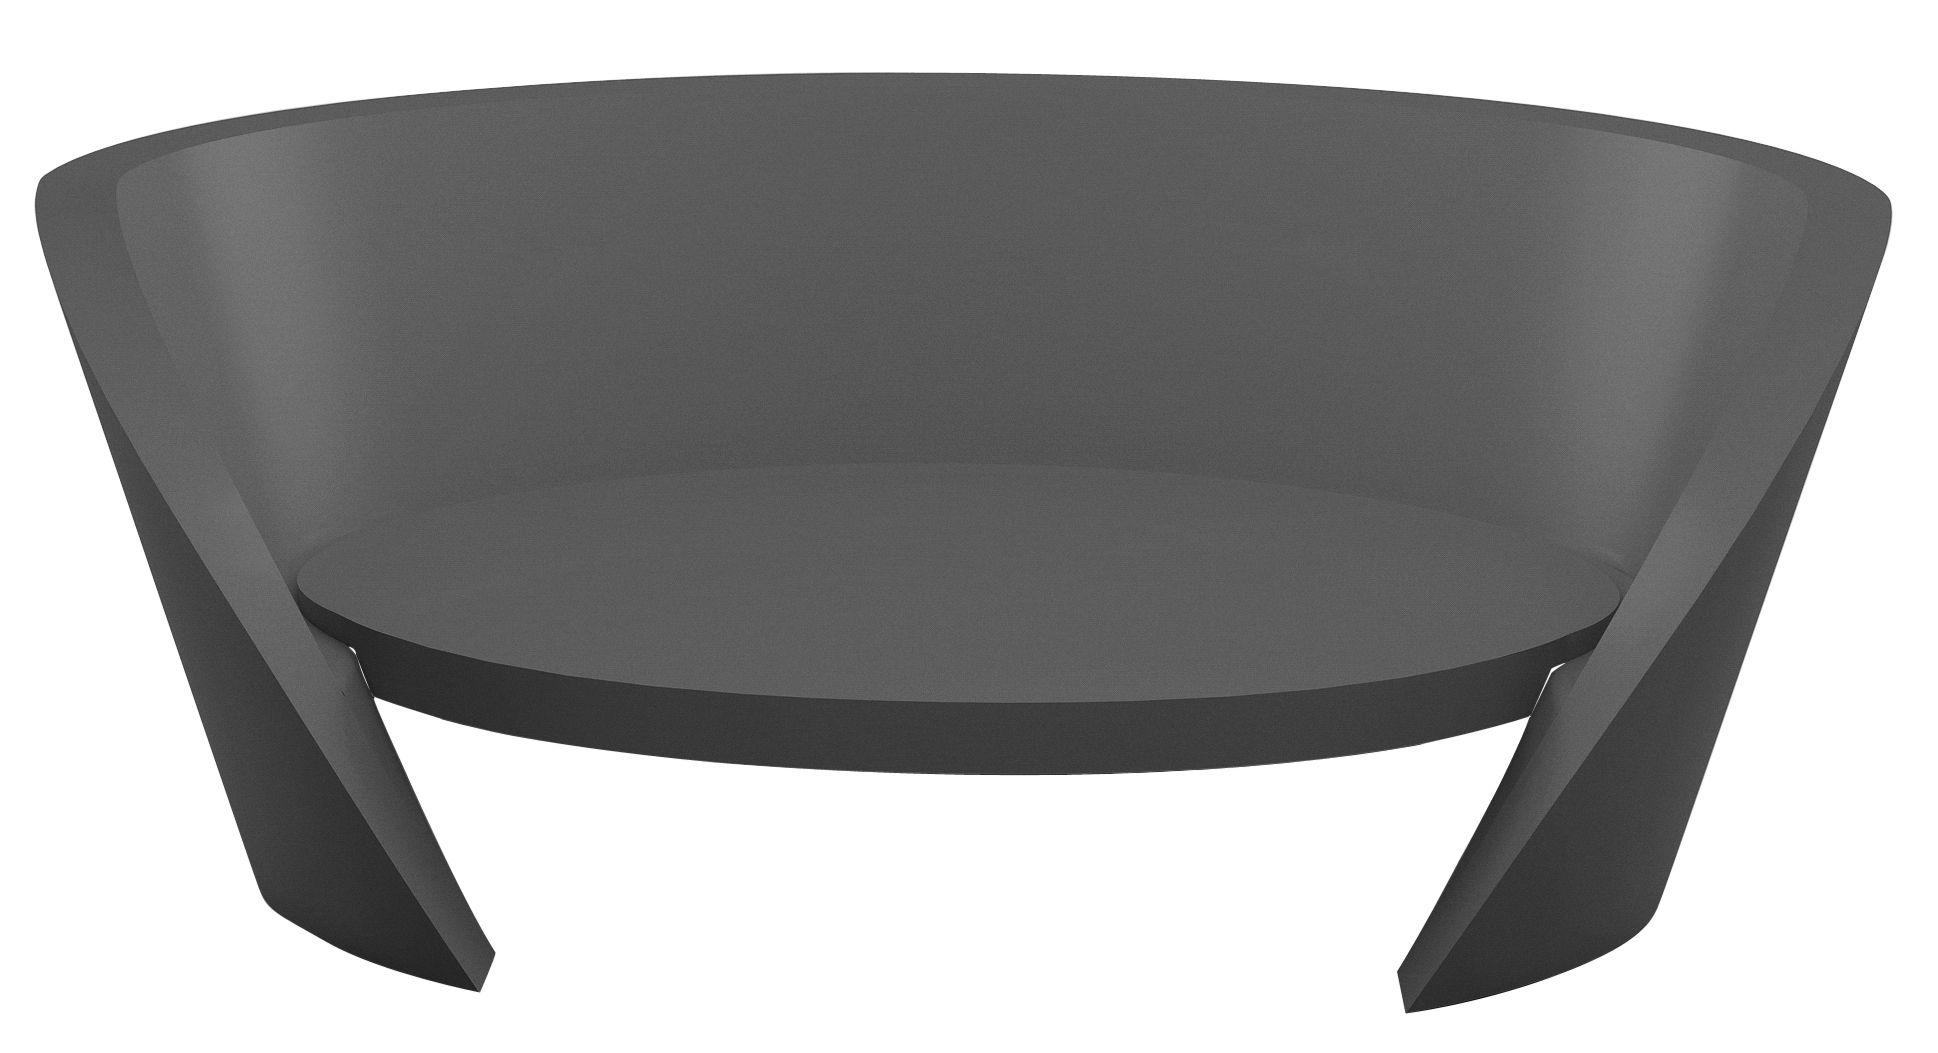 canap rap l 170 cm gris slide made in design. Black Bedroom Furniture Sets. Home Design Ideas